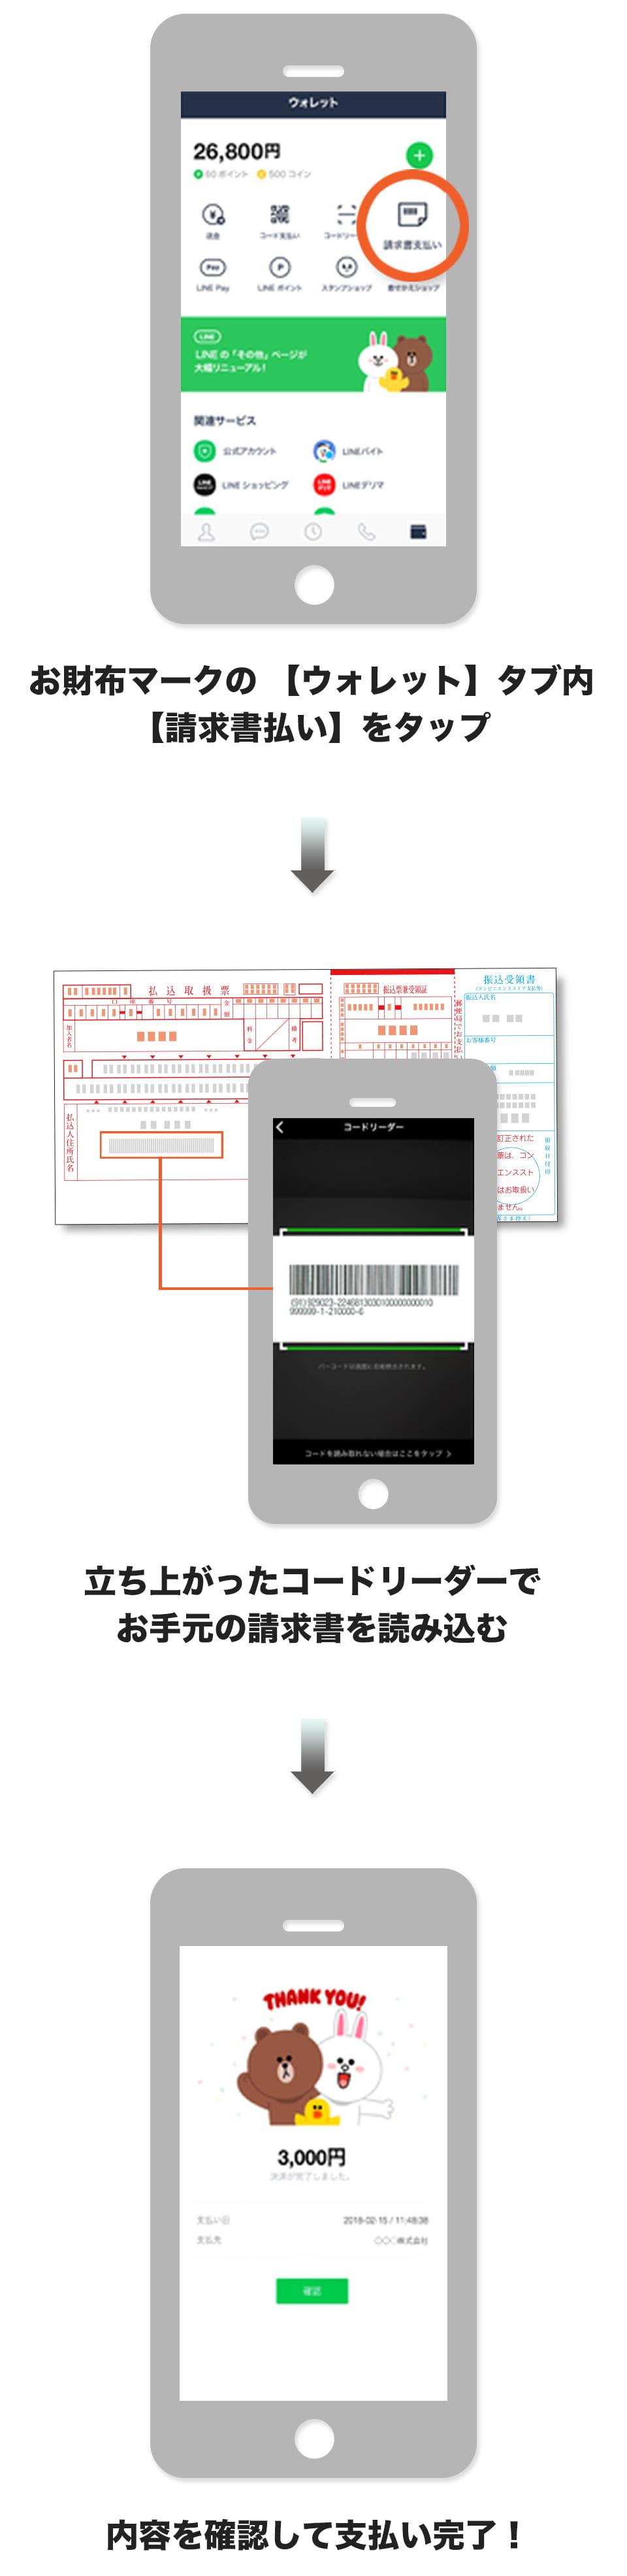 1.お財布マークの 【ウォレット】タブ内【請求書払い】をタップ、2.立ち上がったコードリーダーでお手元の請求書を読み込む、3.内容を確認して支払い完了!